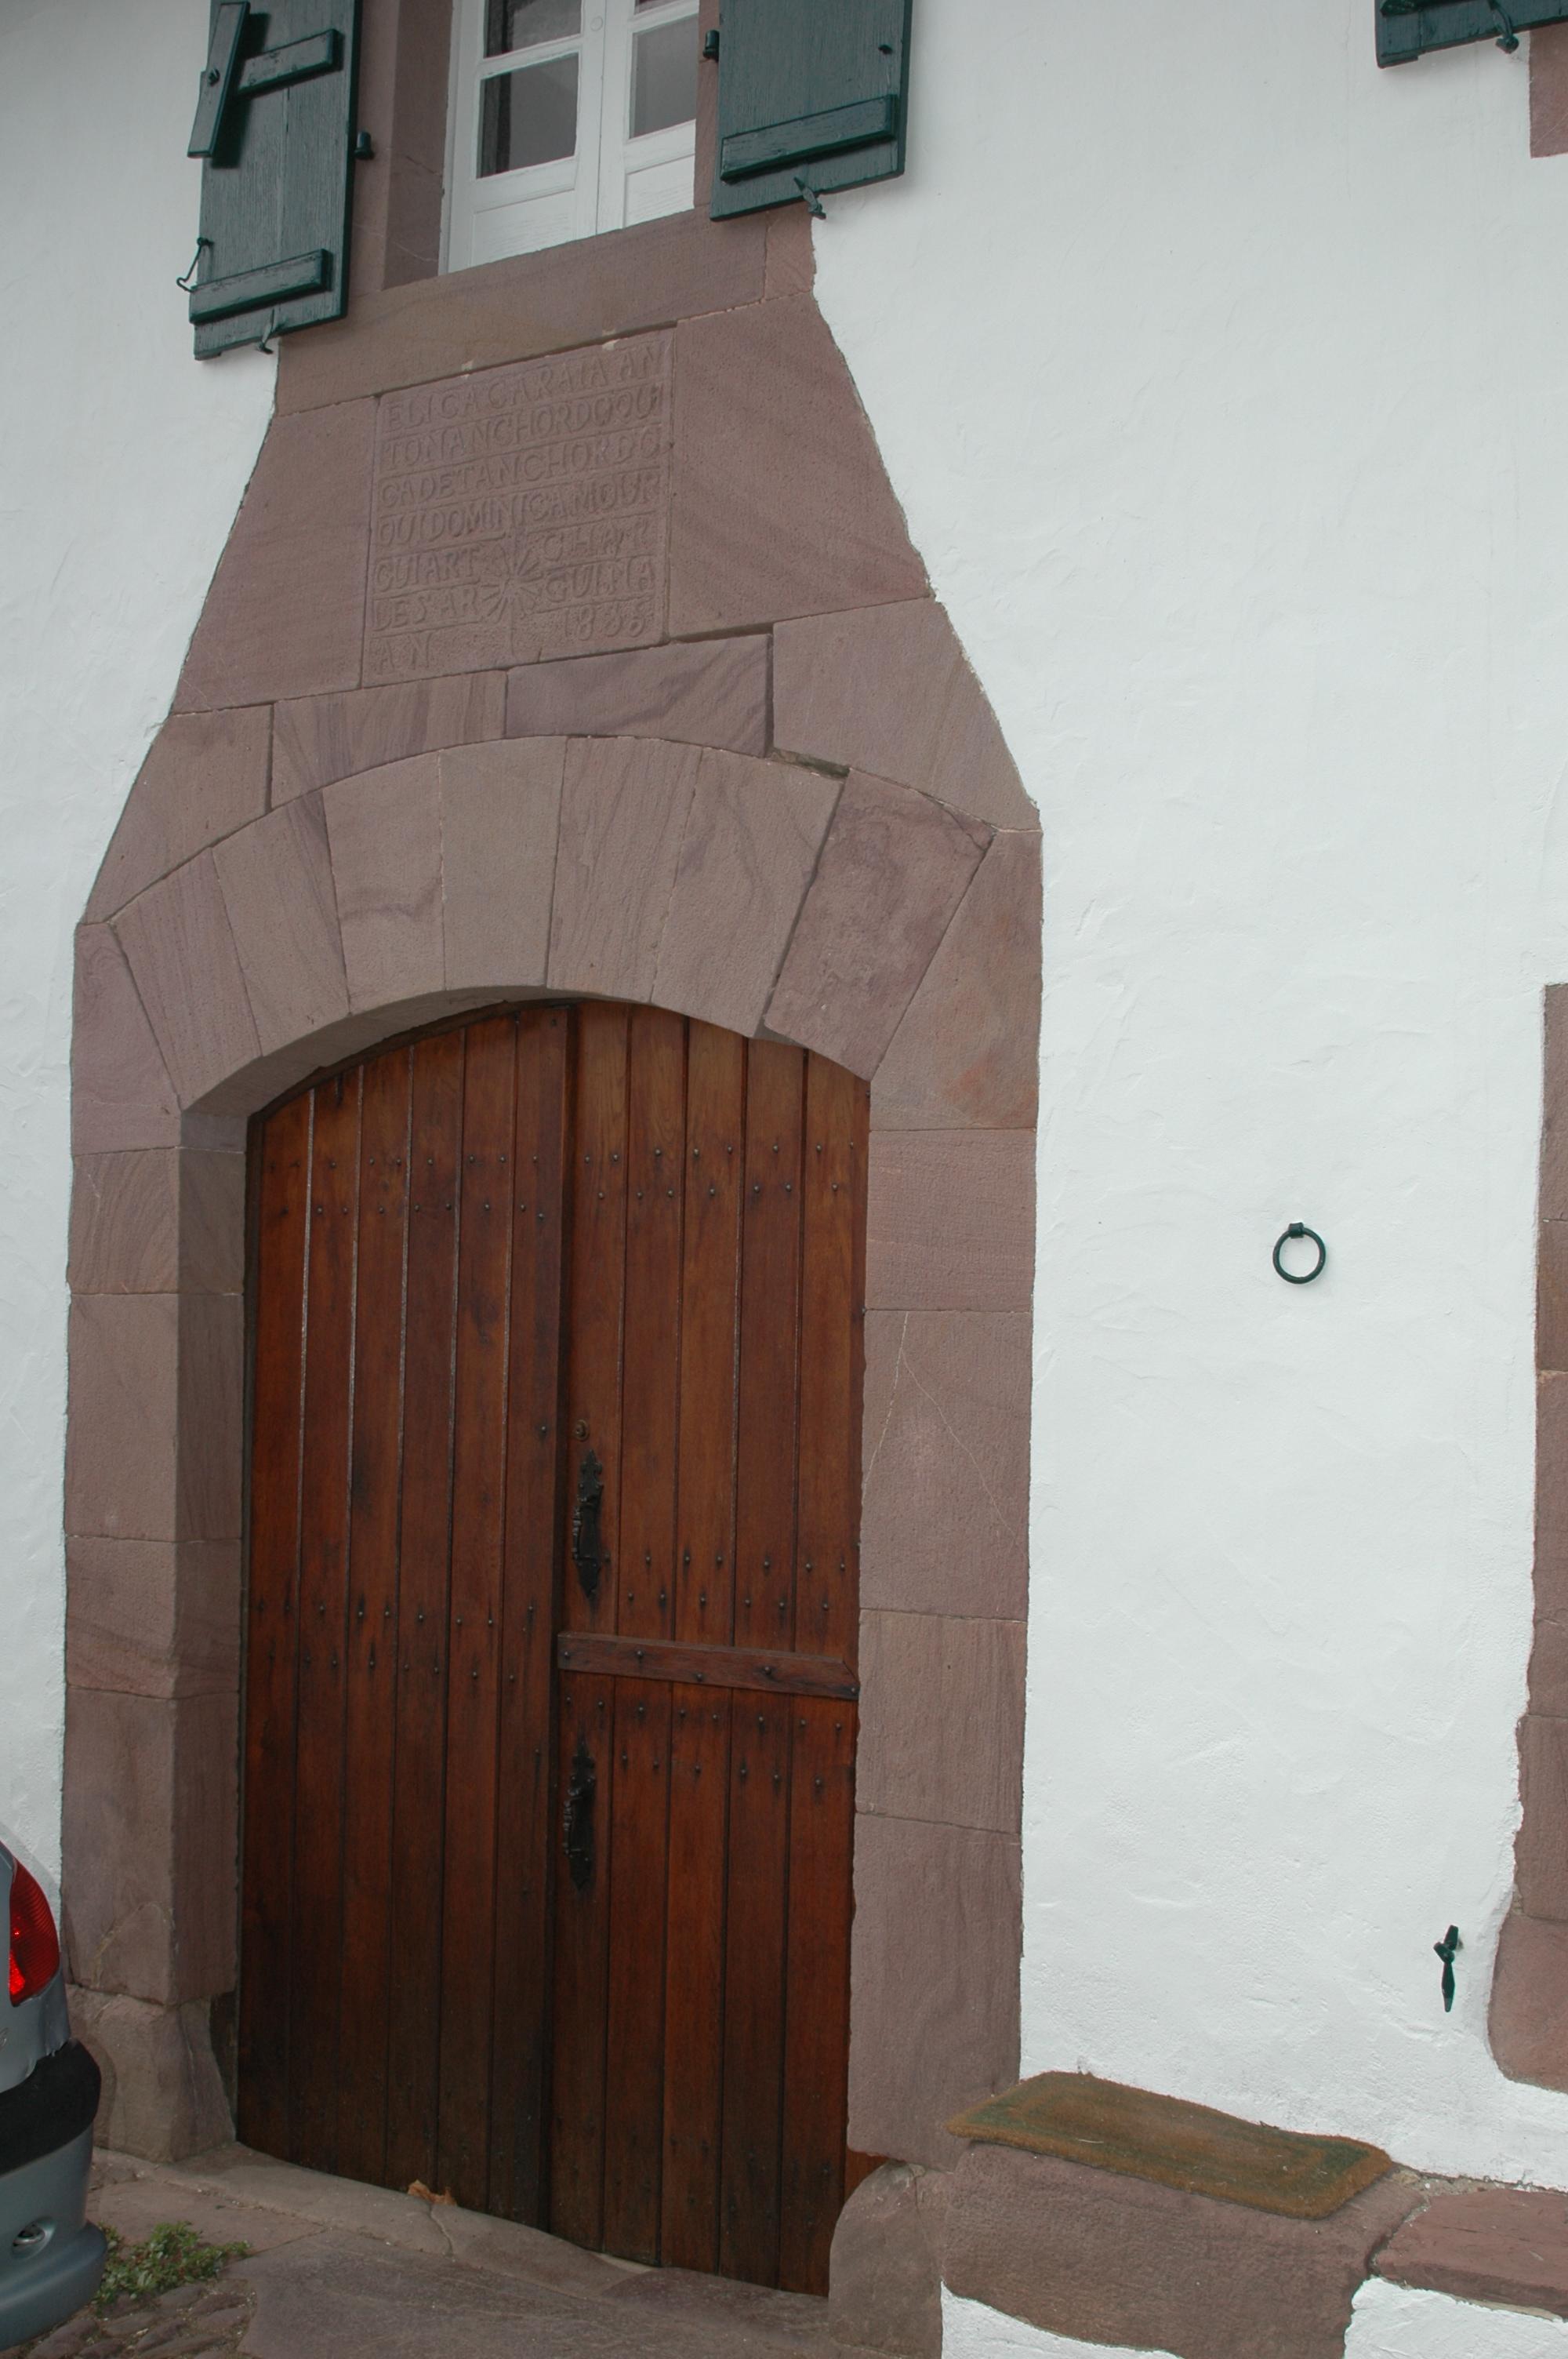 Maison basque - Architecture maison basque ...